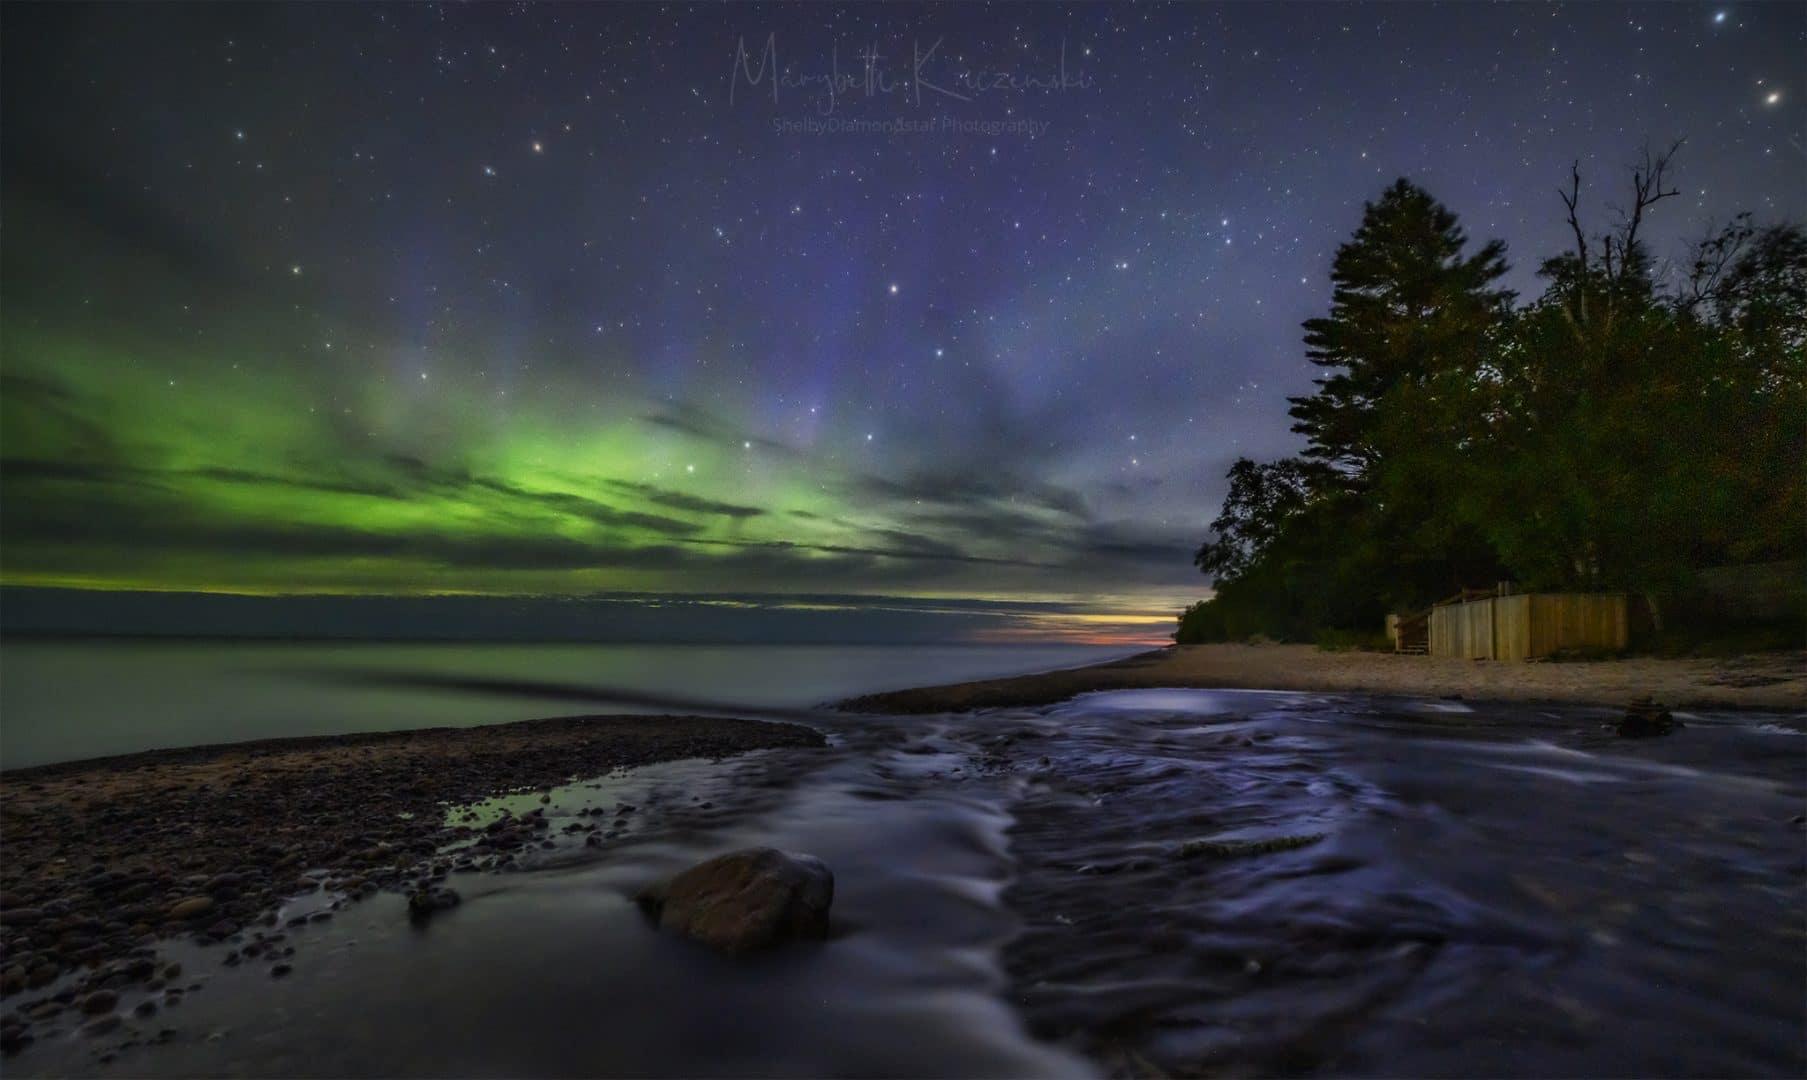 First light and the Aurora.  (Nikon Z6 - Nikkor 14-24mm) Photo by MaryBeth Kiczenski.